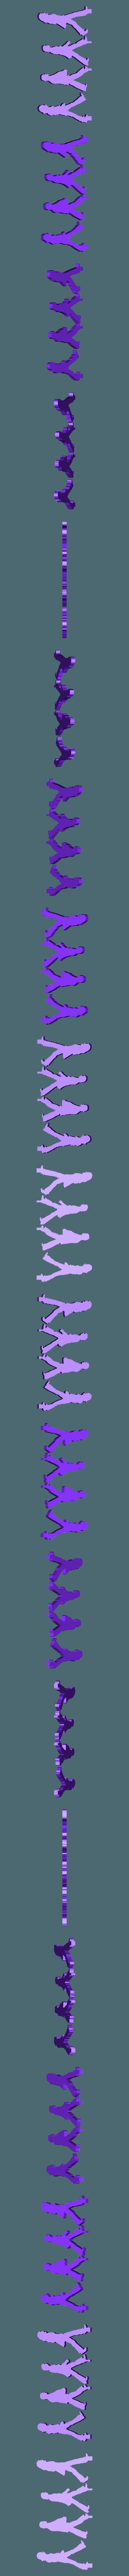 GPRJ.stl Download free STL file Abbey Road • 3D print design, DK7